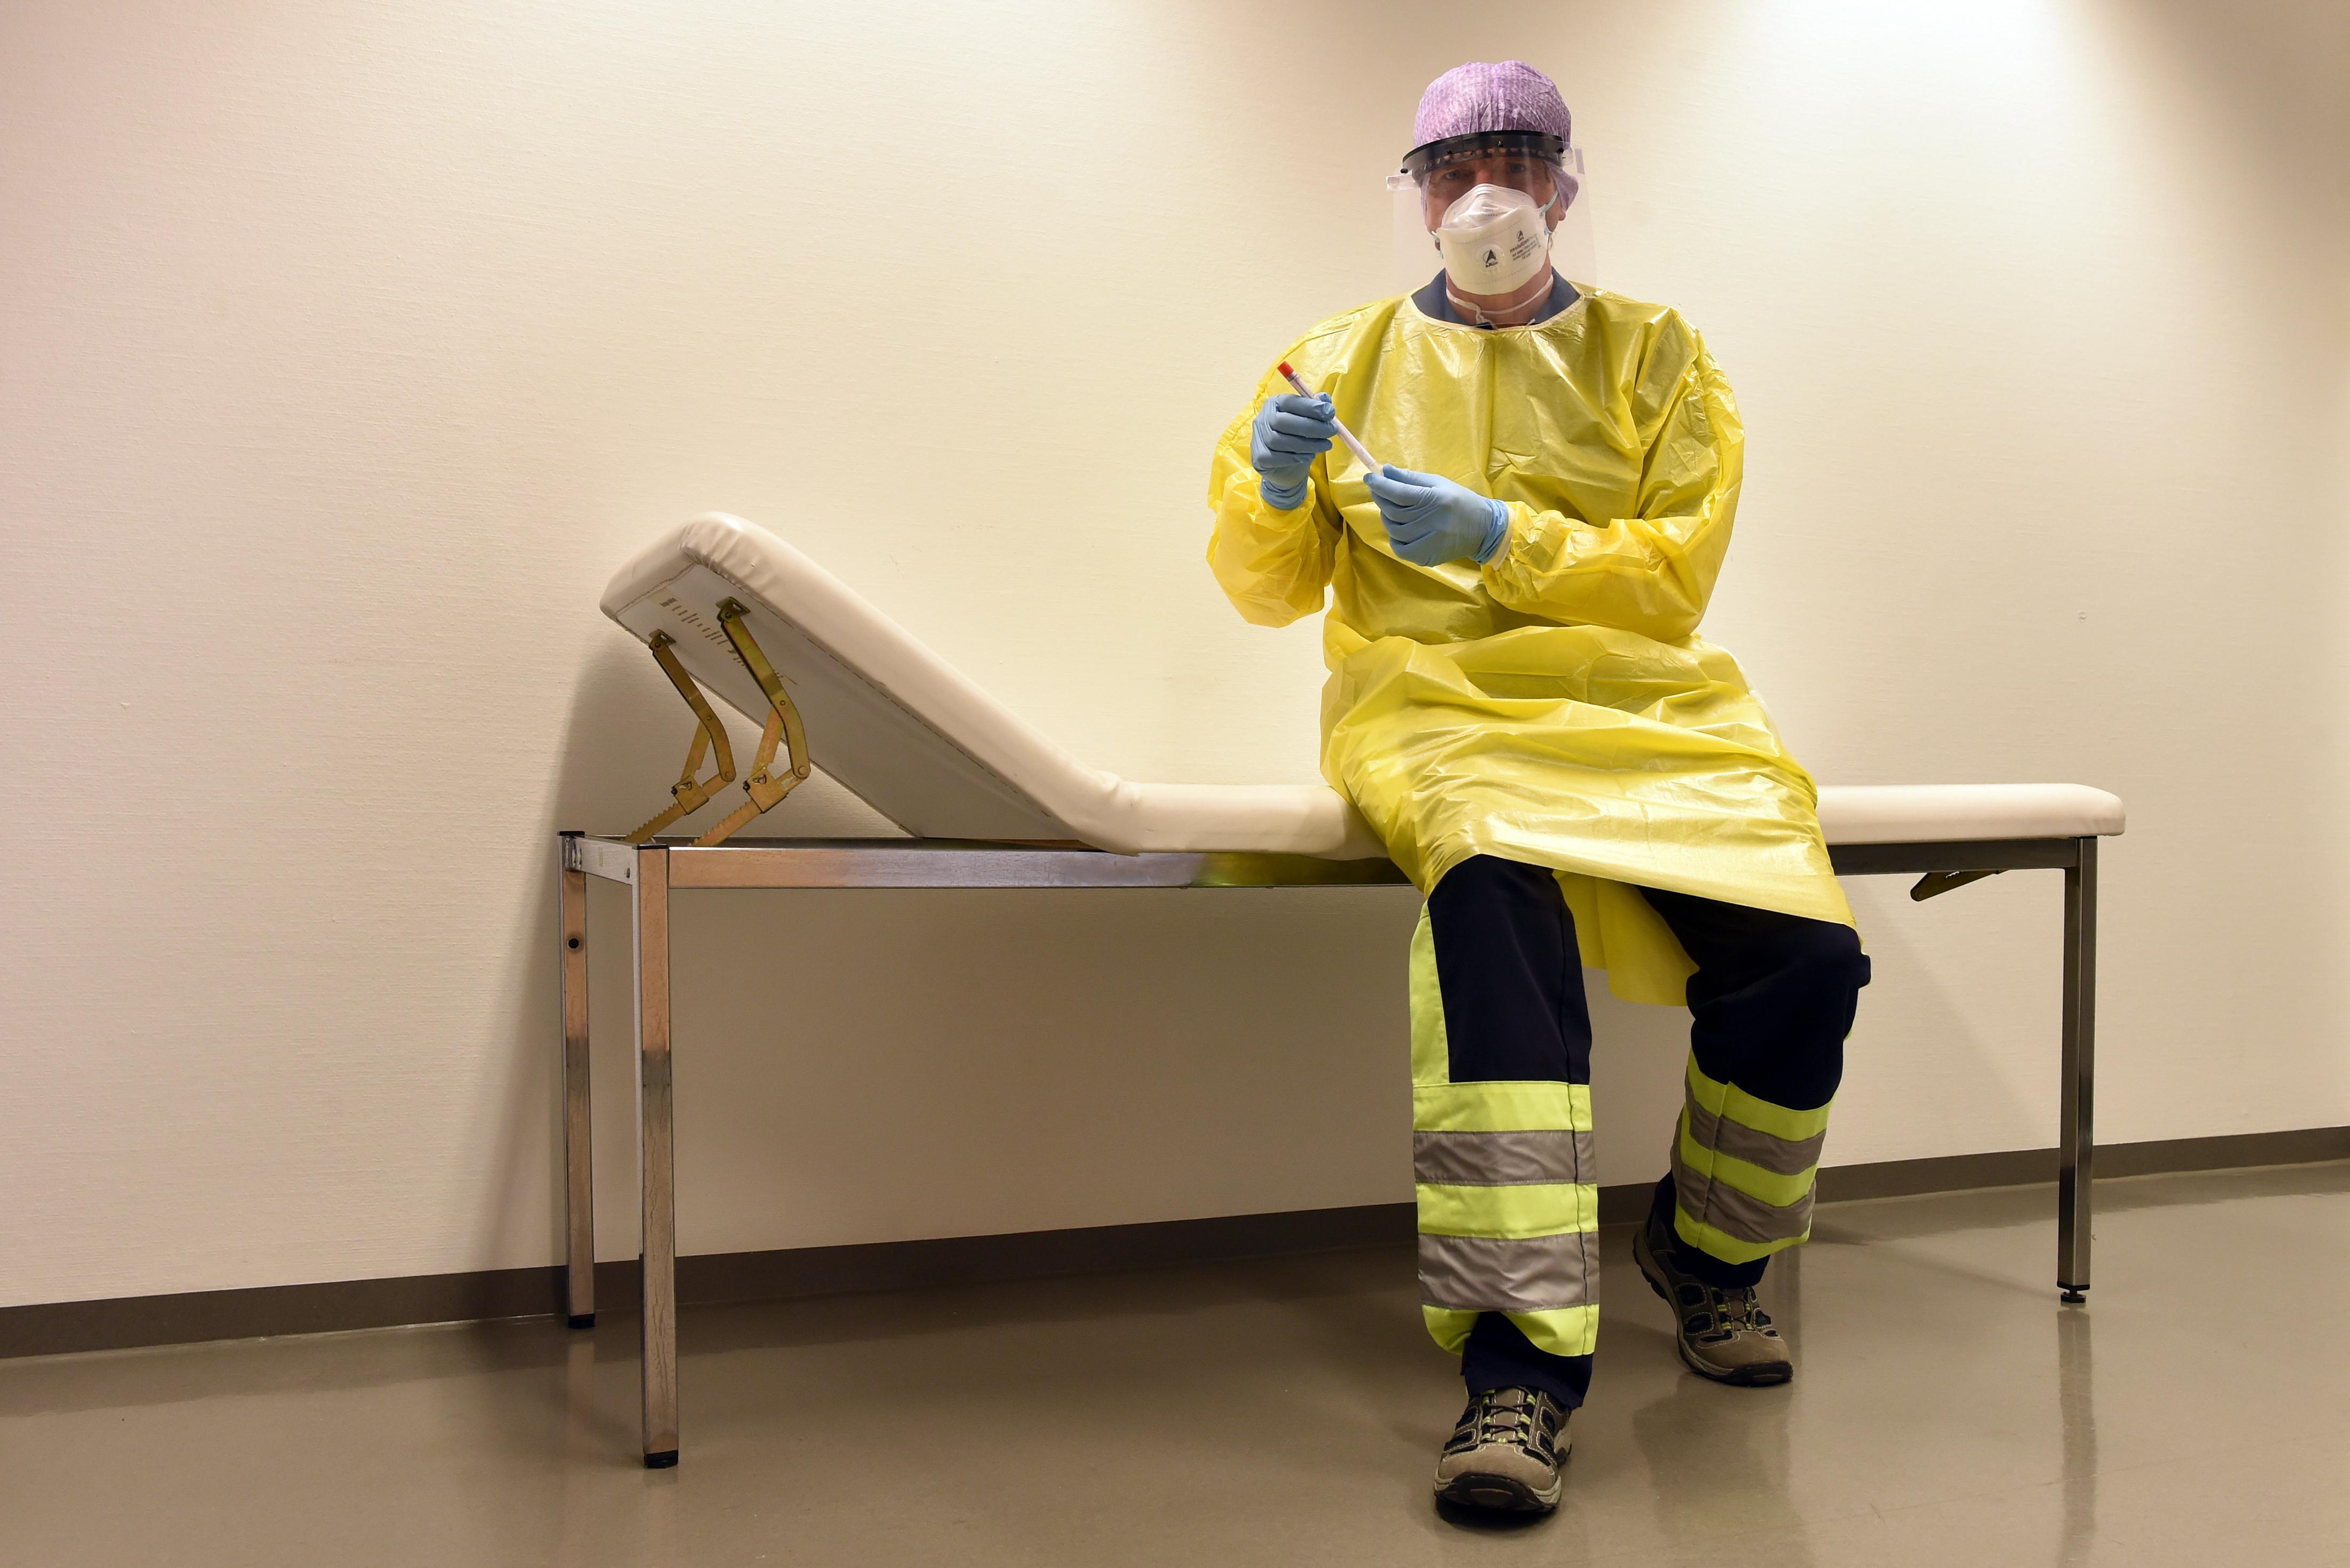 Egy ír kutatás szerint a felgyógyult betegek fele még heteken át tartó fáradtságot érez a koronavírus után